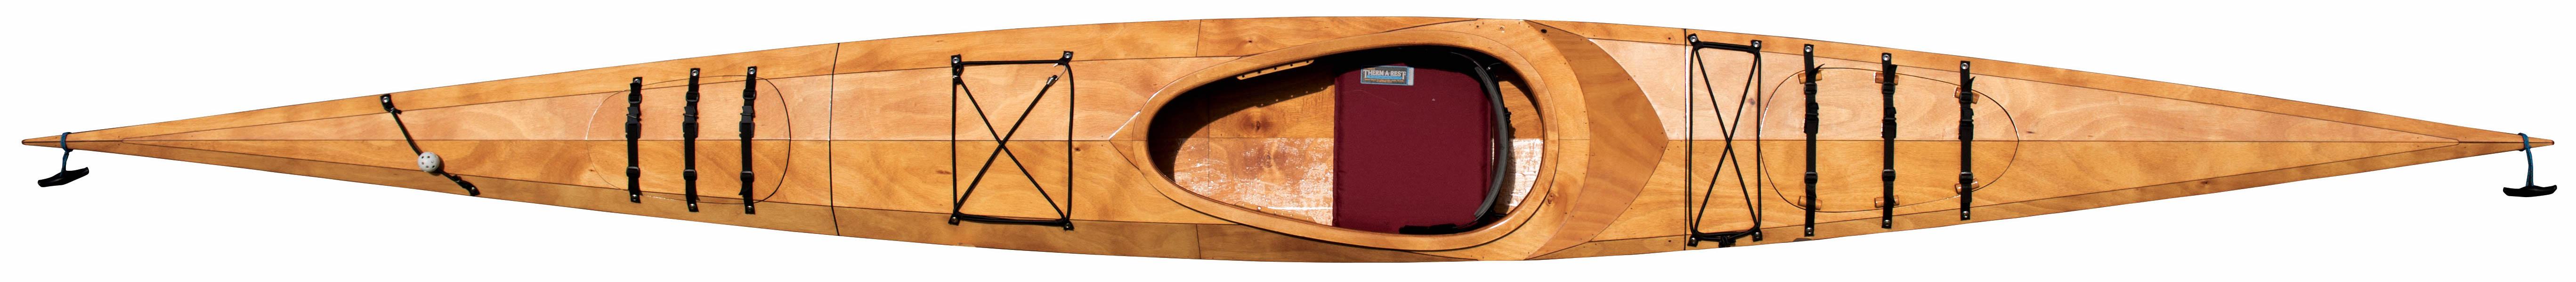 Kayaks: Freya by Pygmy Boats - Image 2890